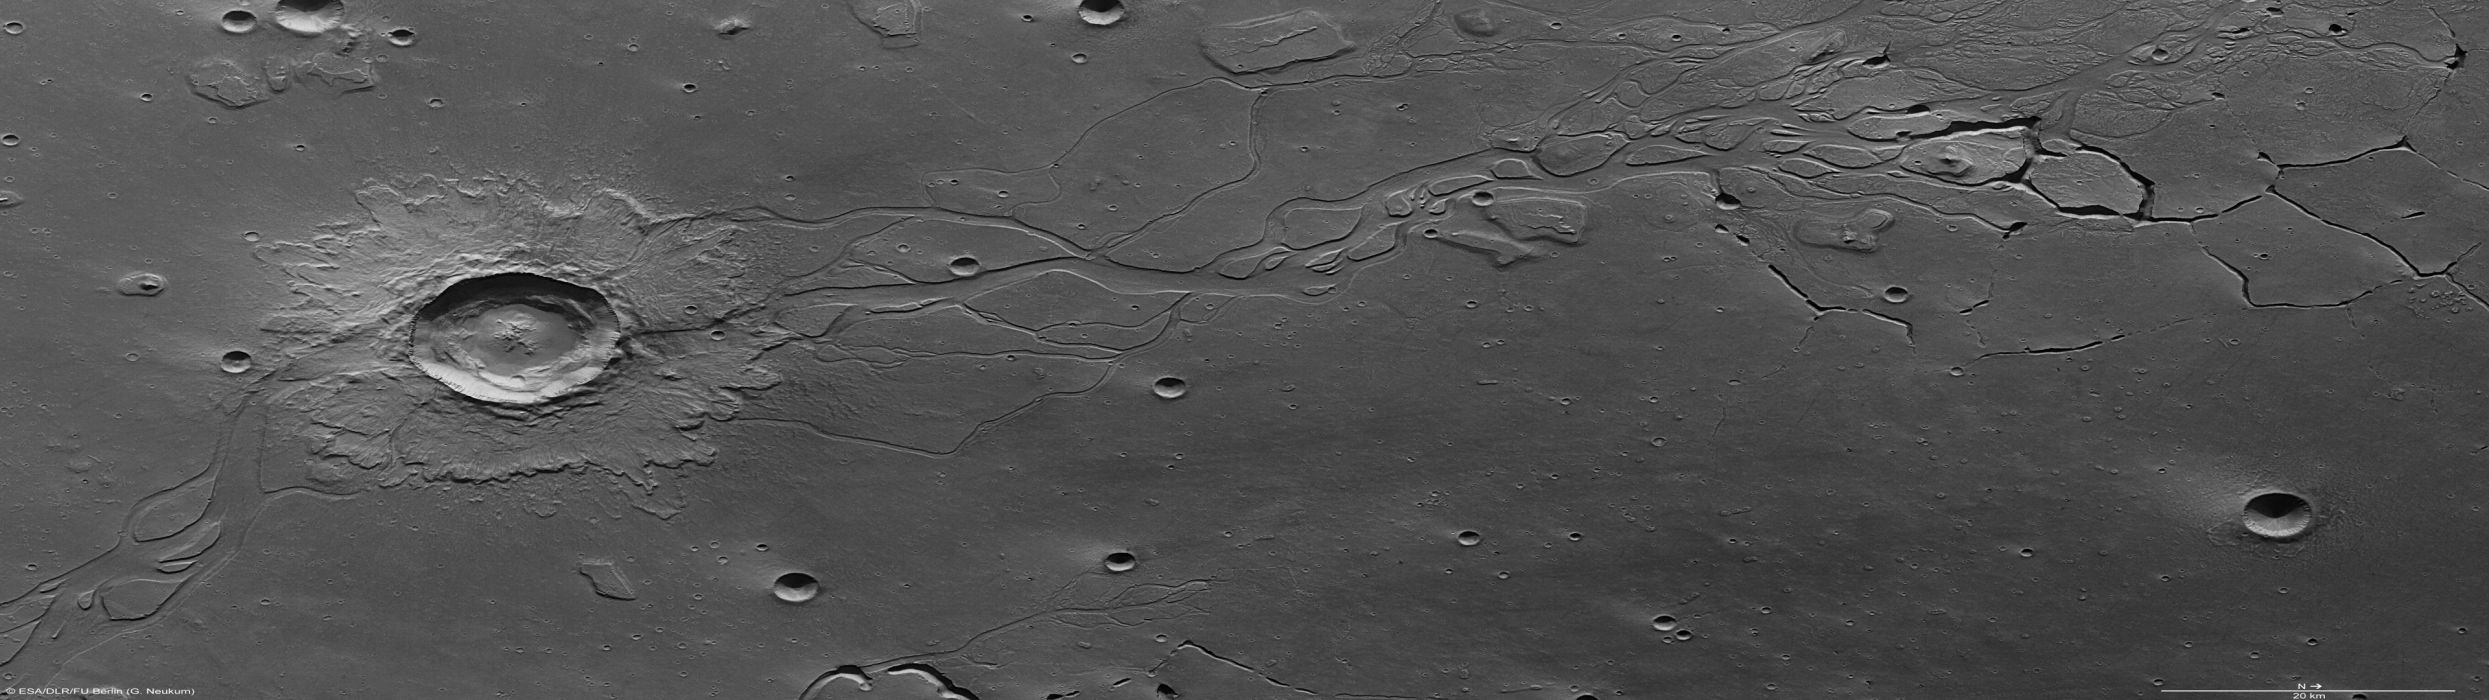 Moon dual screen crater wallpaper